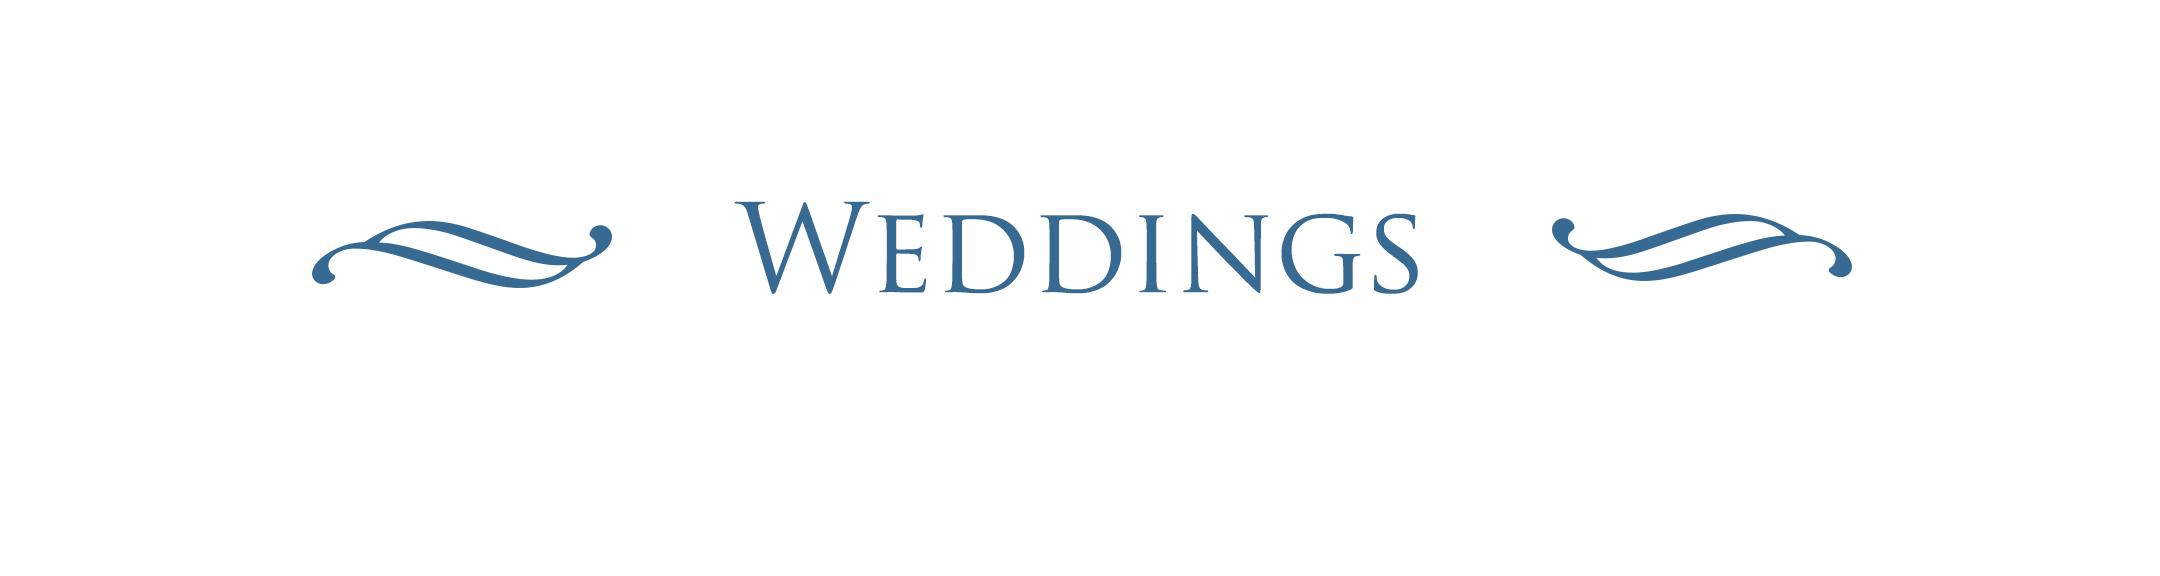 Weddings Header_blue.jpg